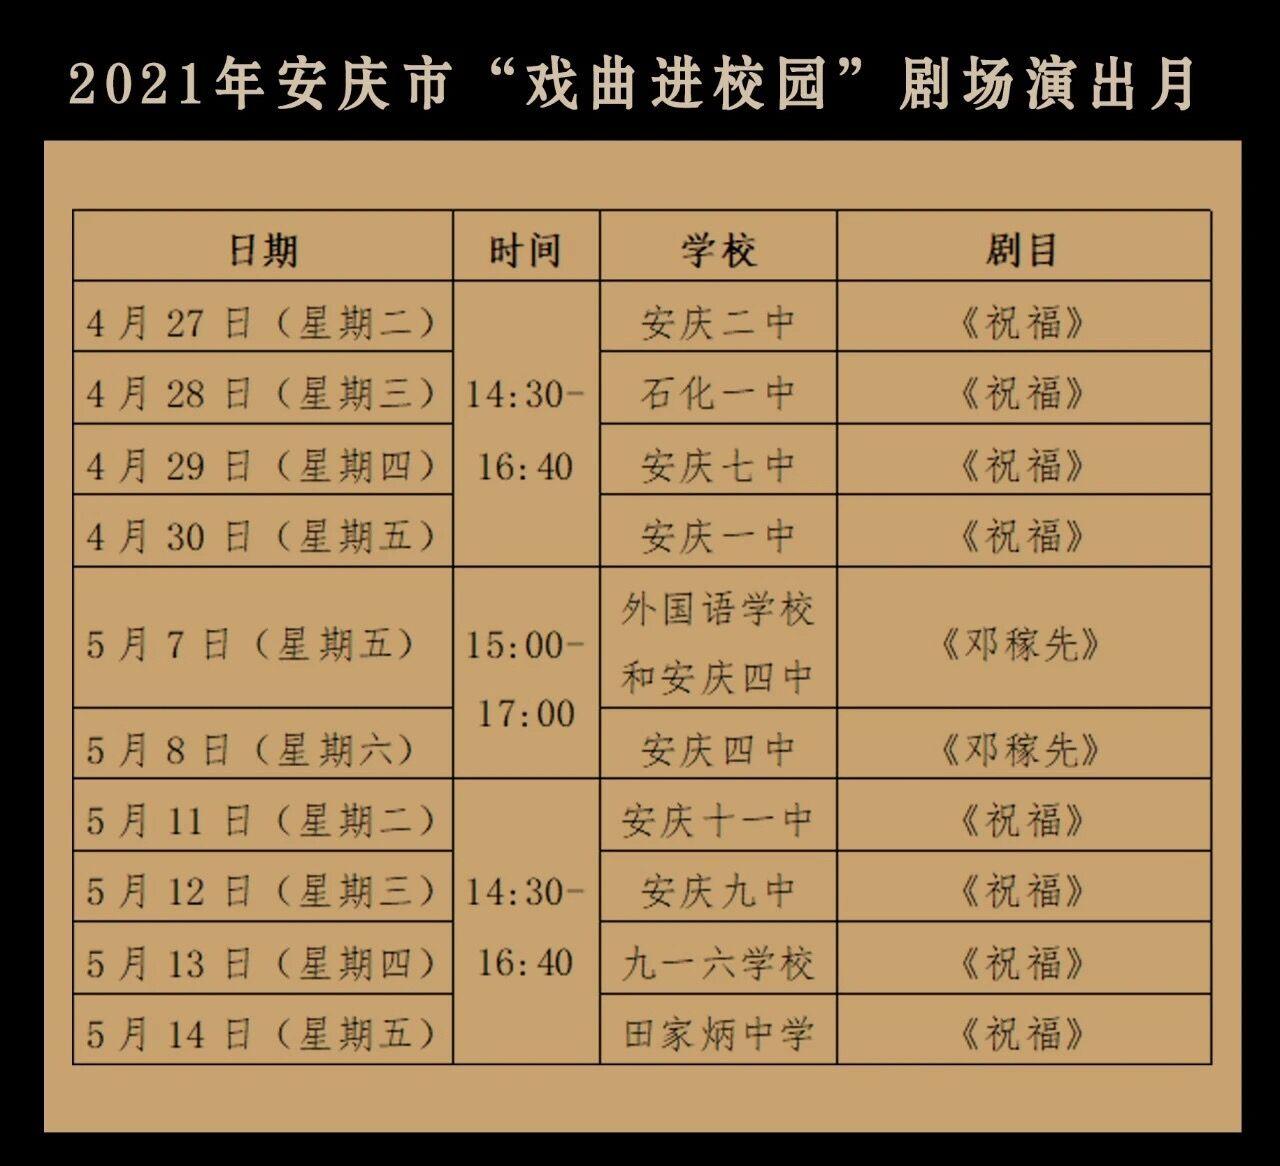 安徽10所市直中学将观看大型黄梅戏《邓稼先》和《祝福》